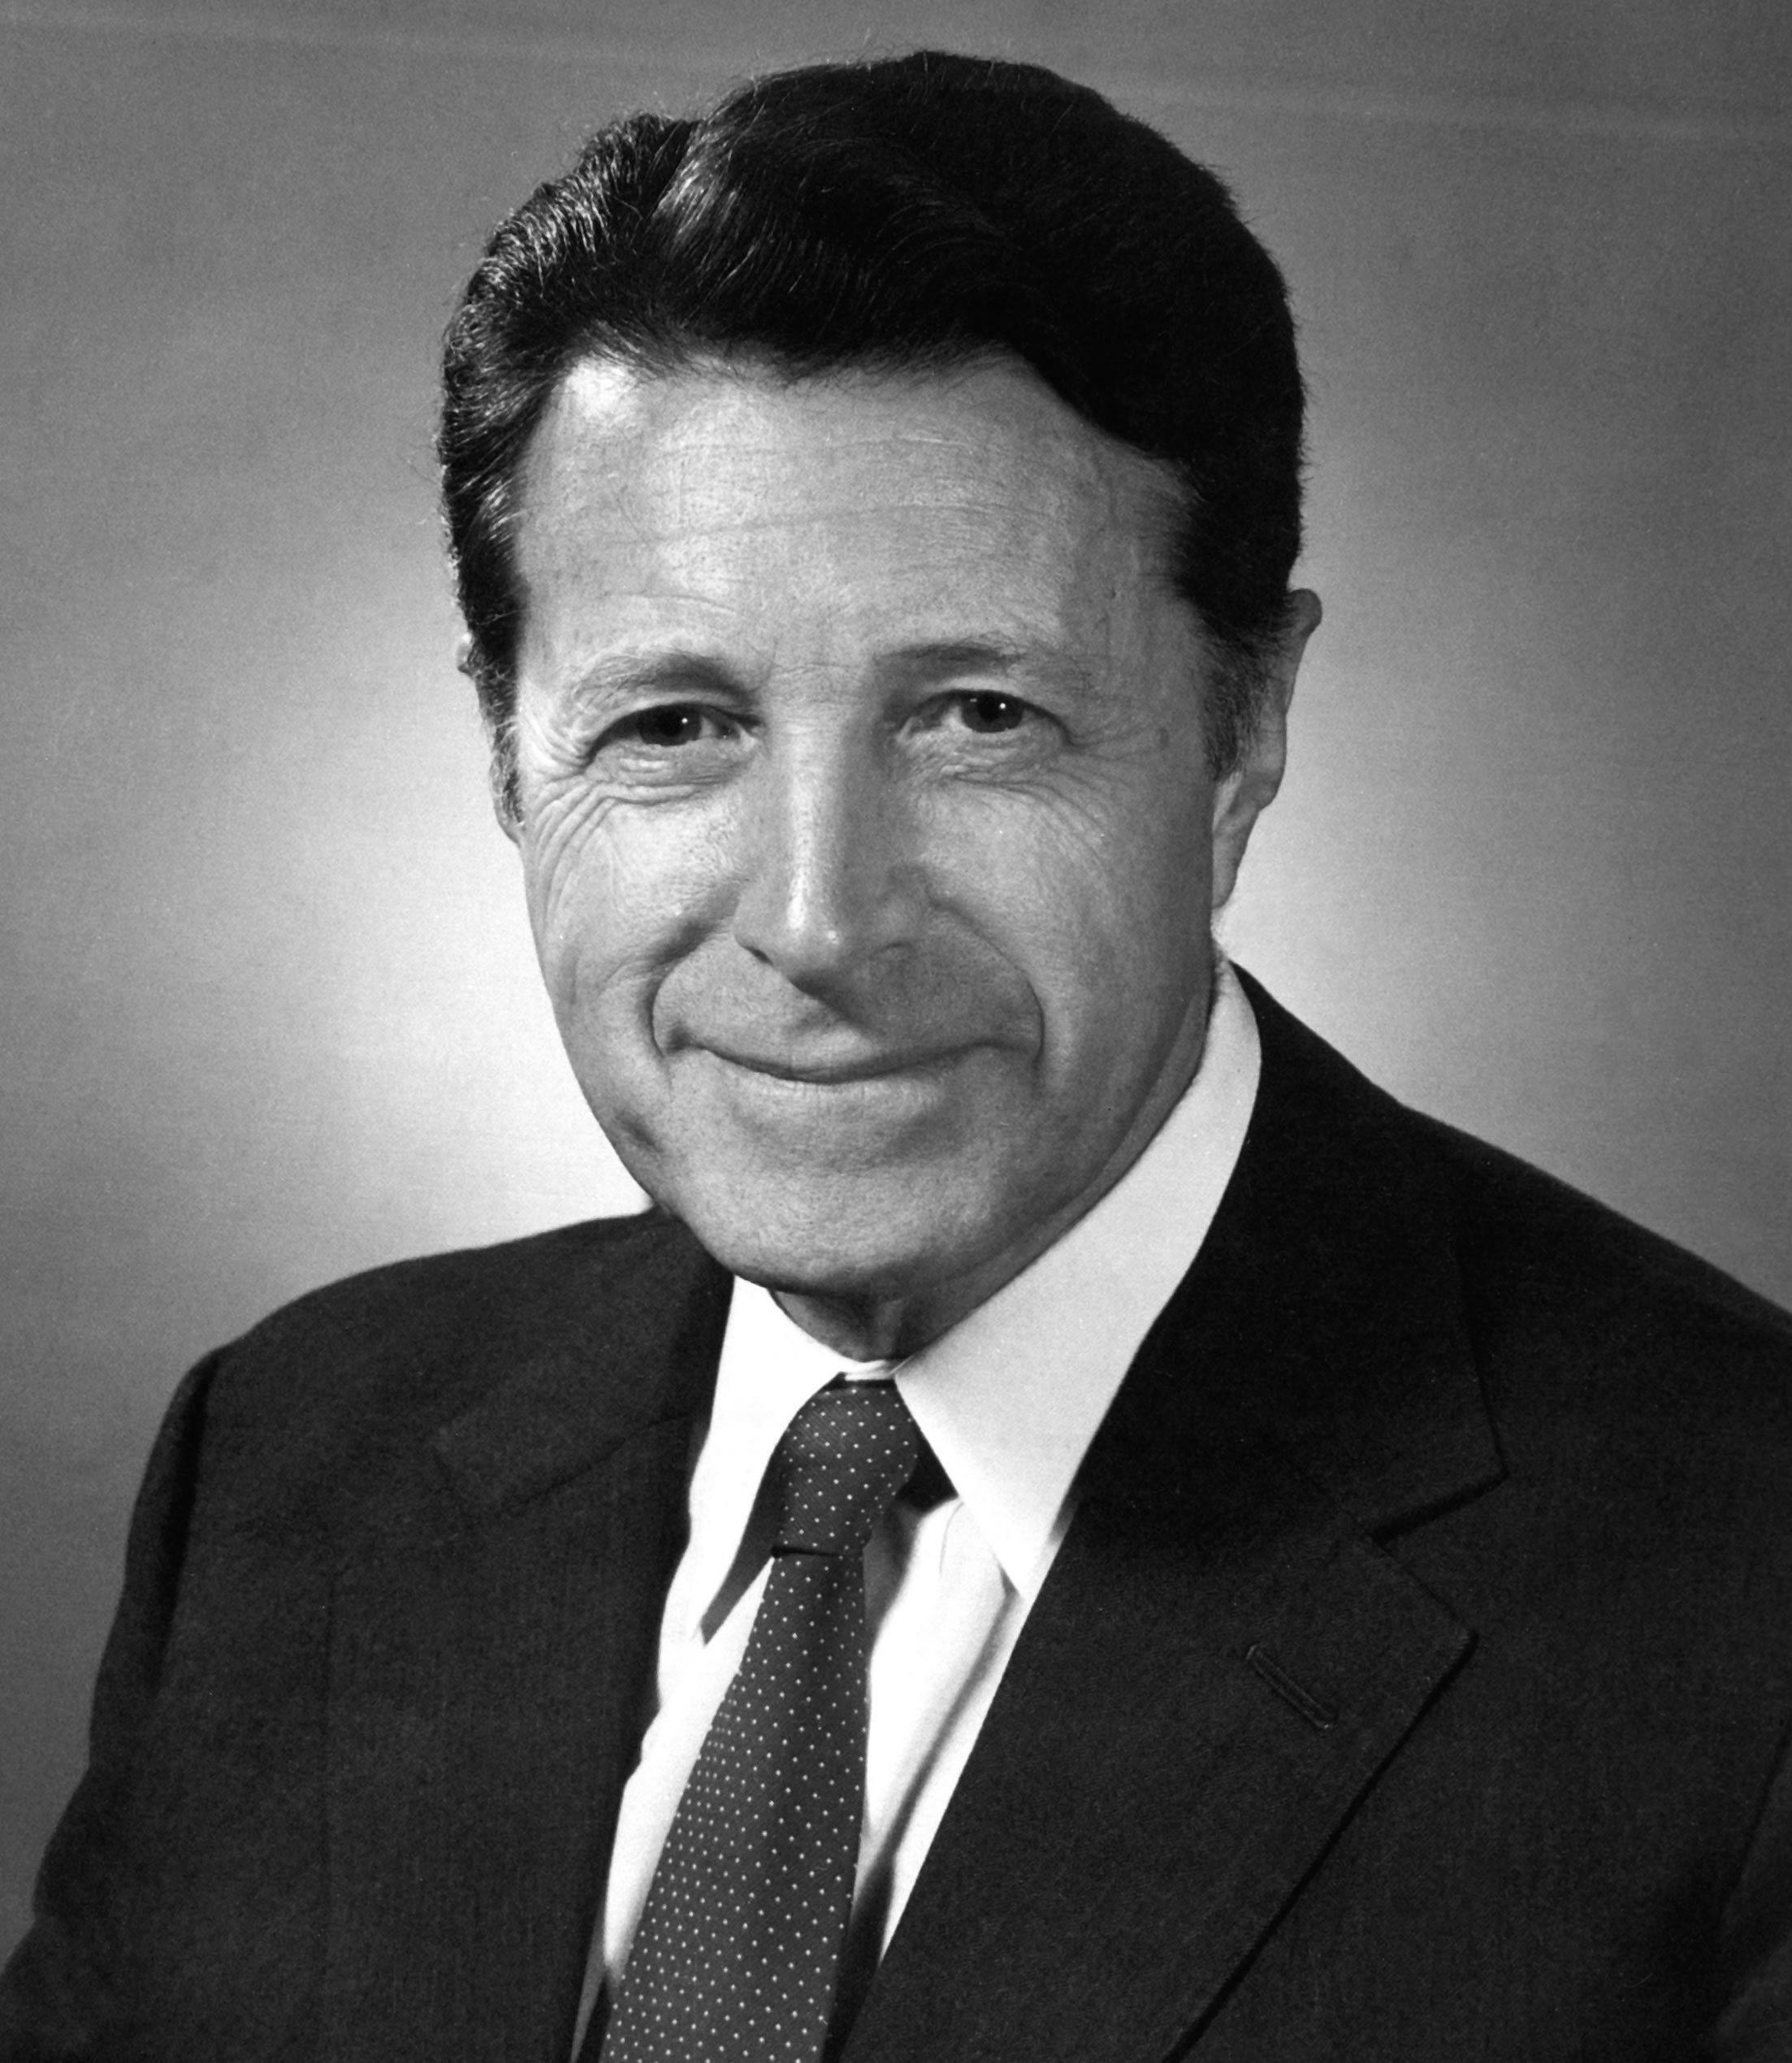 Caspar Weinberger - Chairman